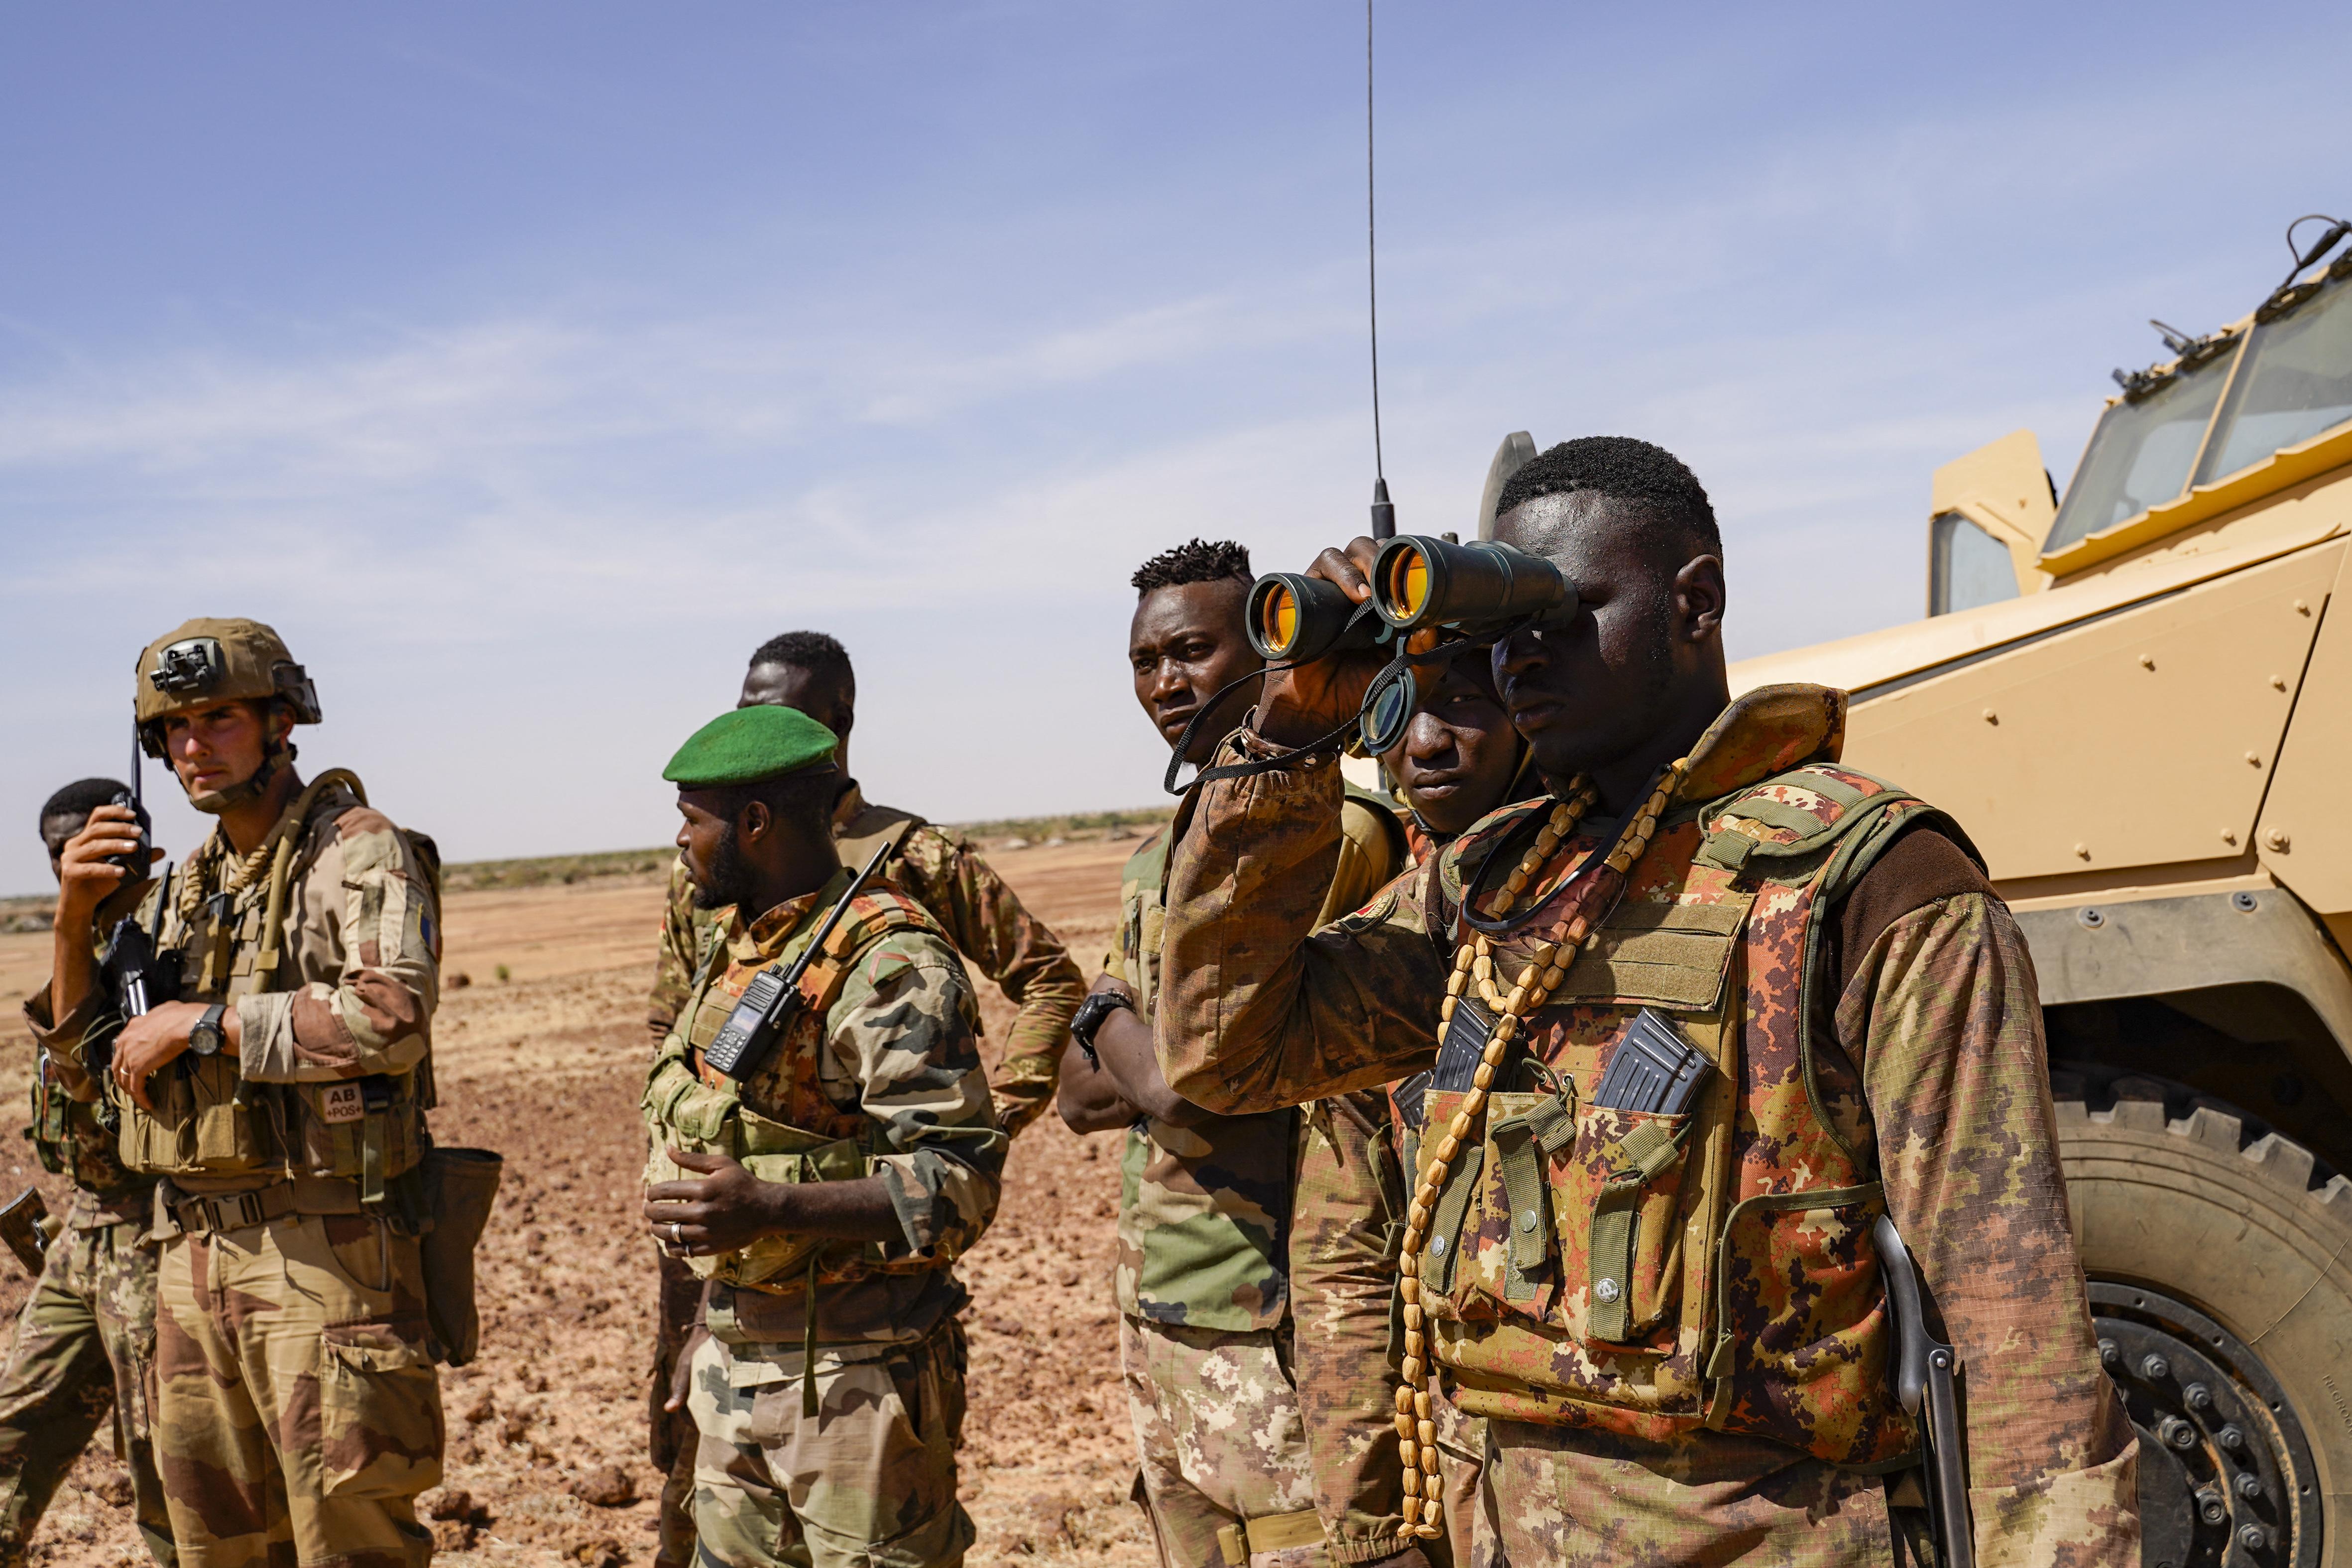 Az ENSZ vizsgálata megállapította, hogy civilek haltak meg a francia légierő rakétáitól Maliban